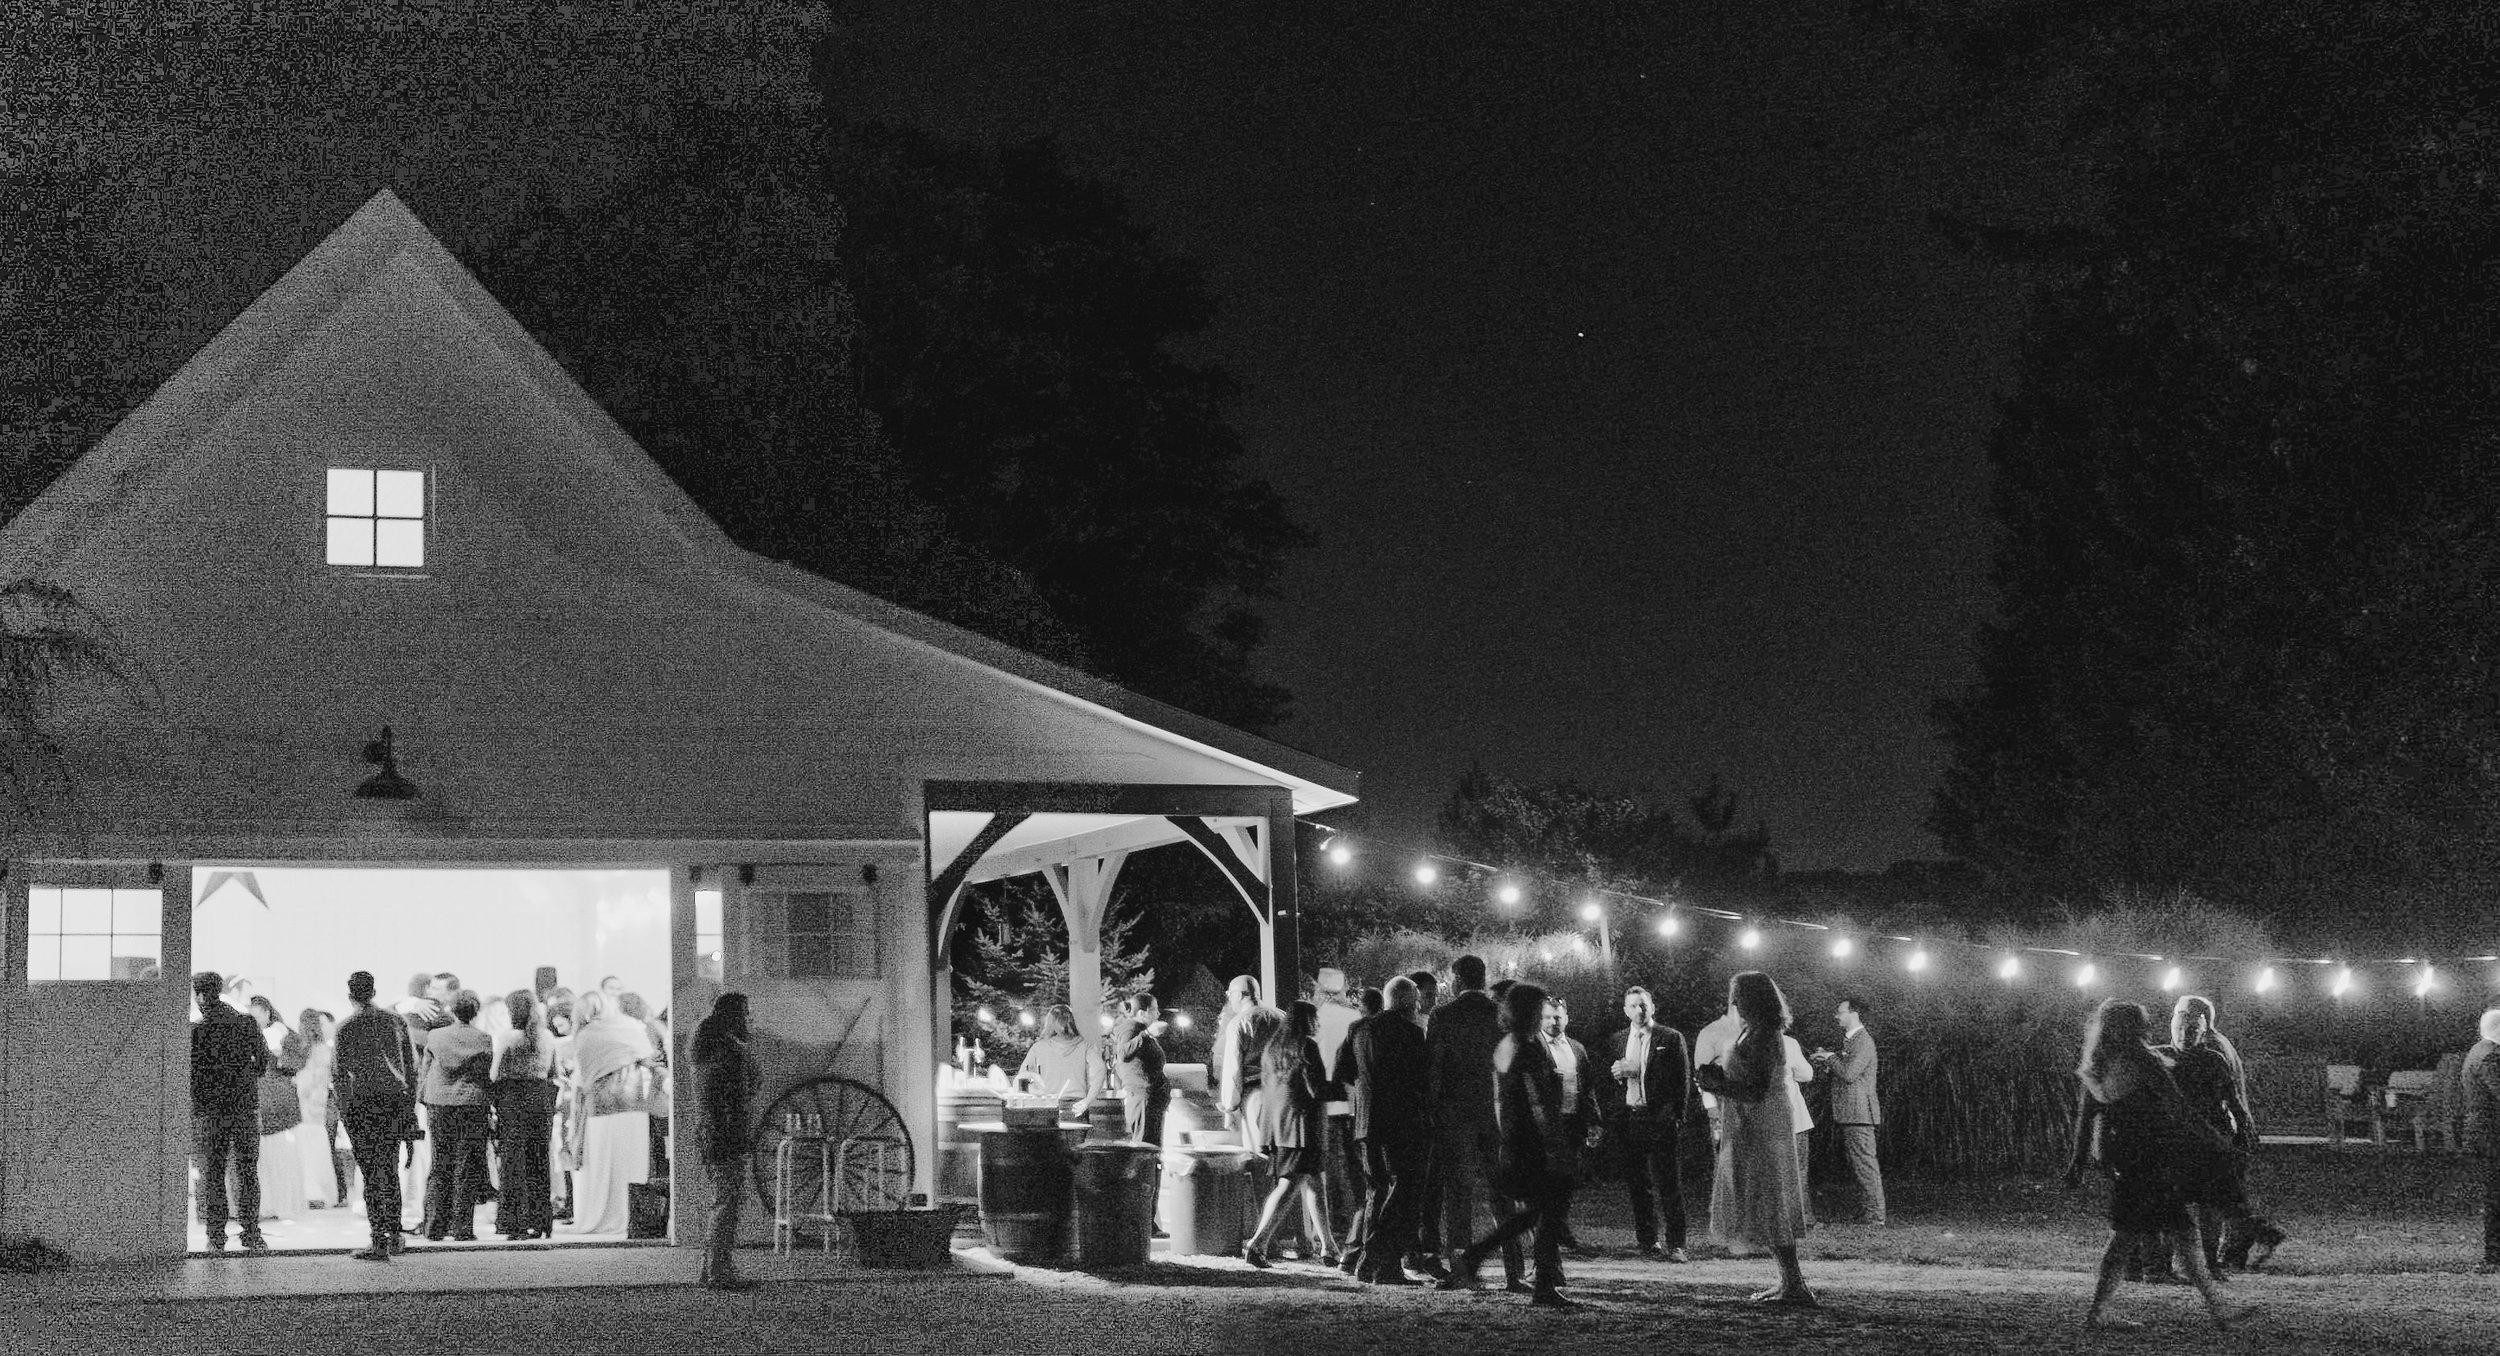 Reception venue in the dark